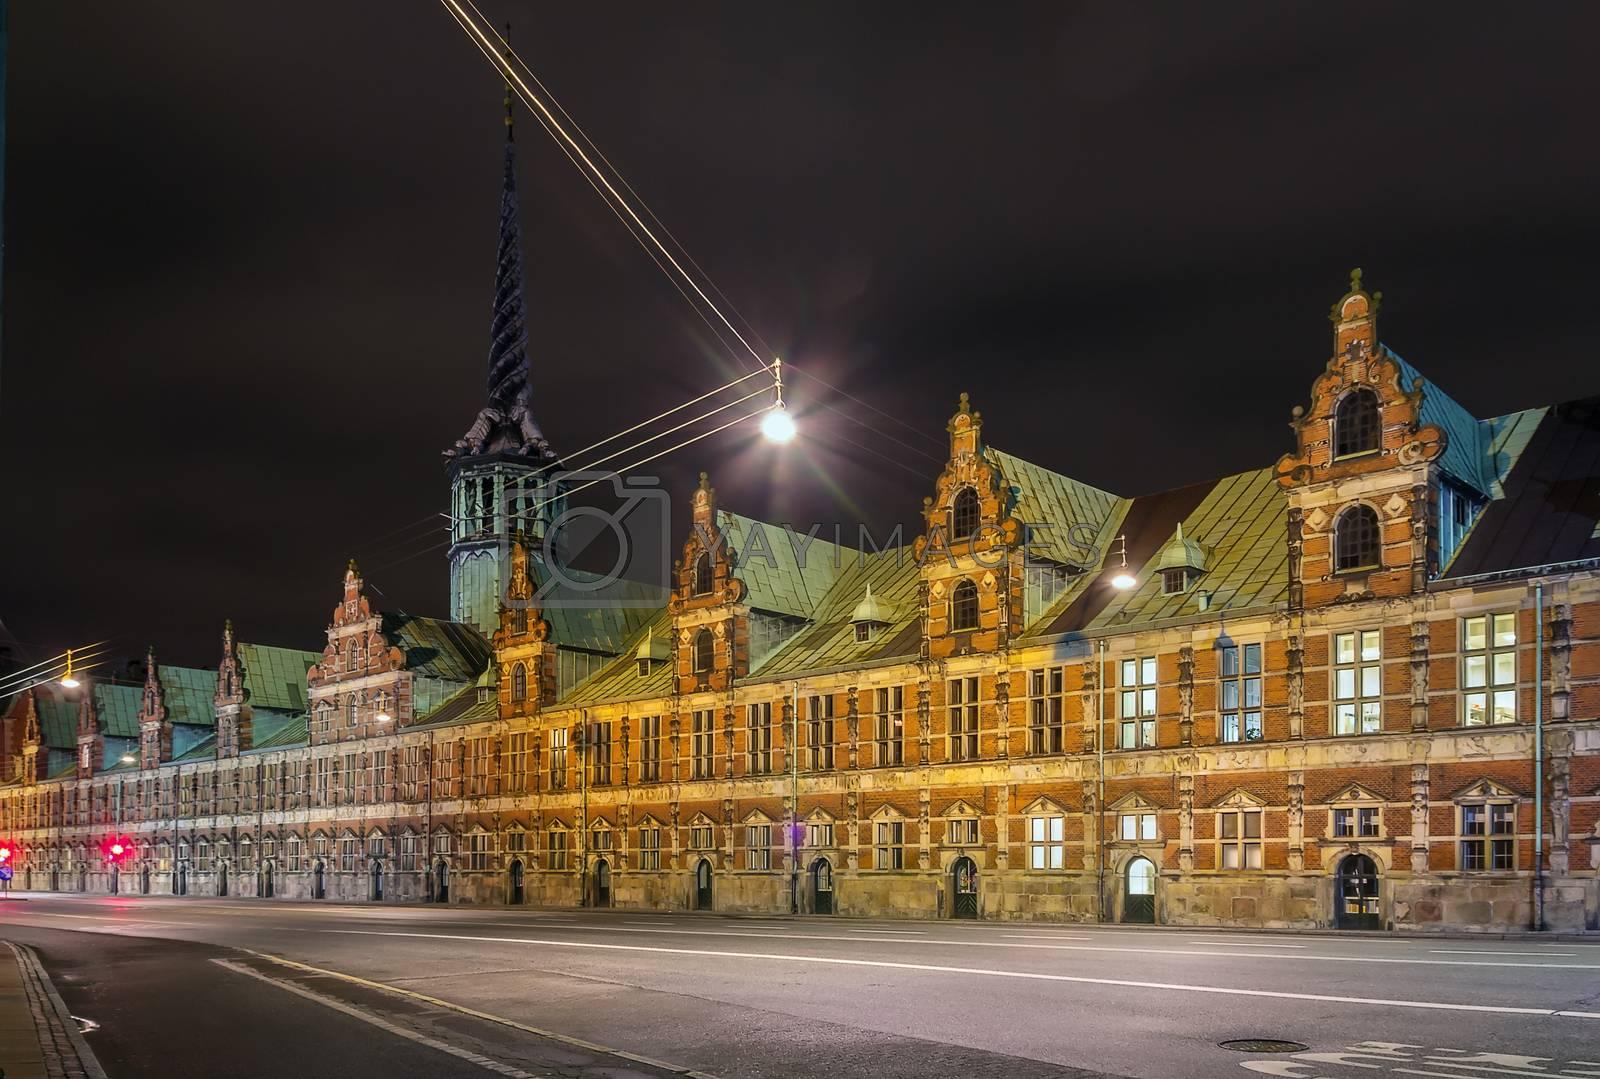 Borsen (The Stock Exchange) in evening, Copenhagen by borisb17